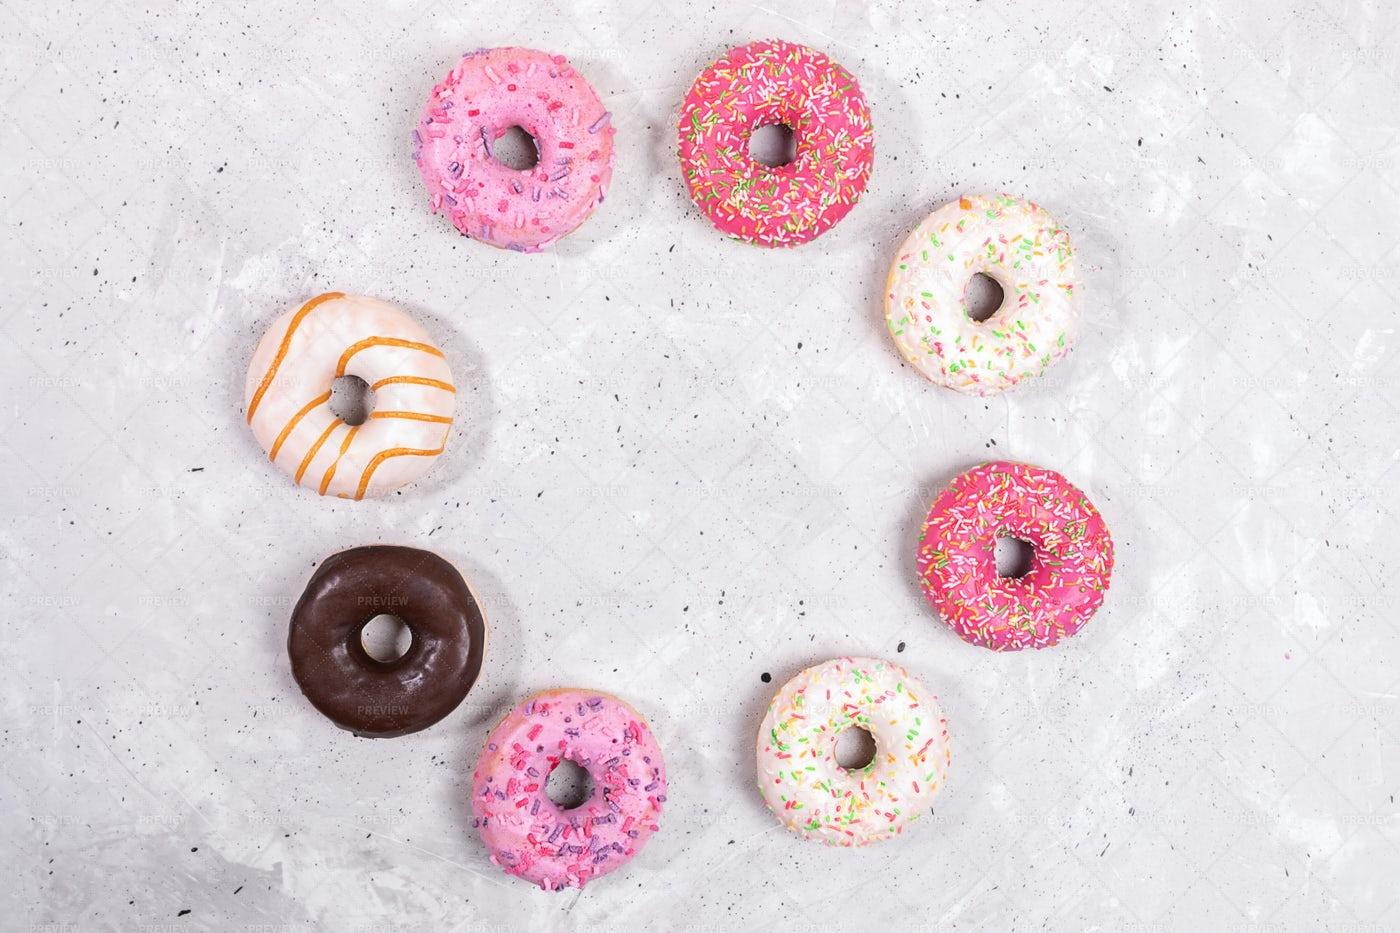 Circle Of Glazed Doughnuts On Concrete.: Stock Photos